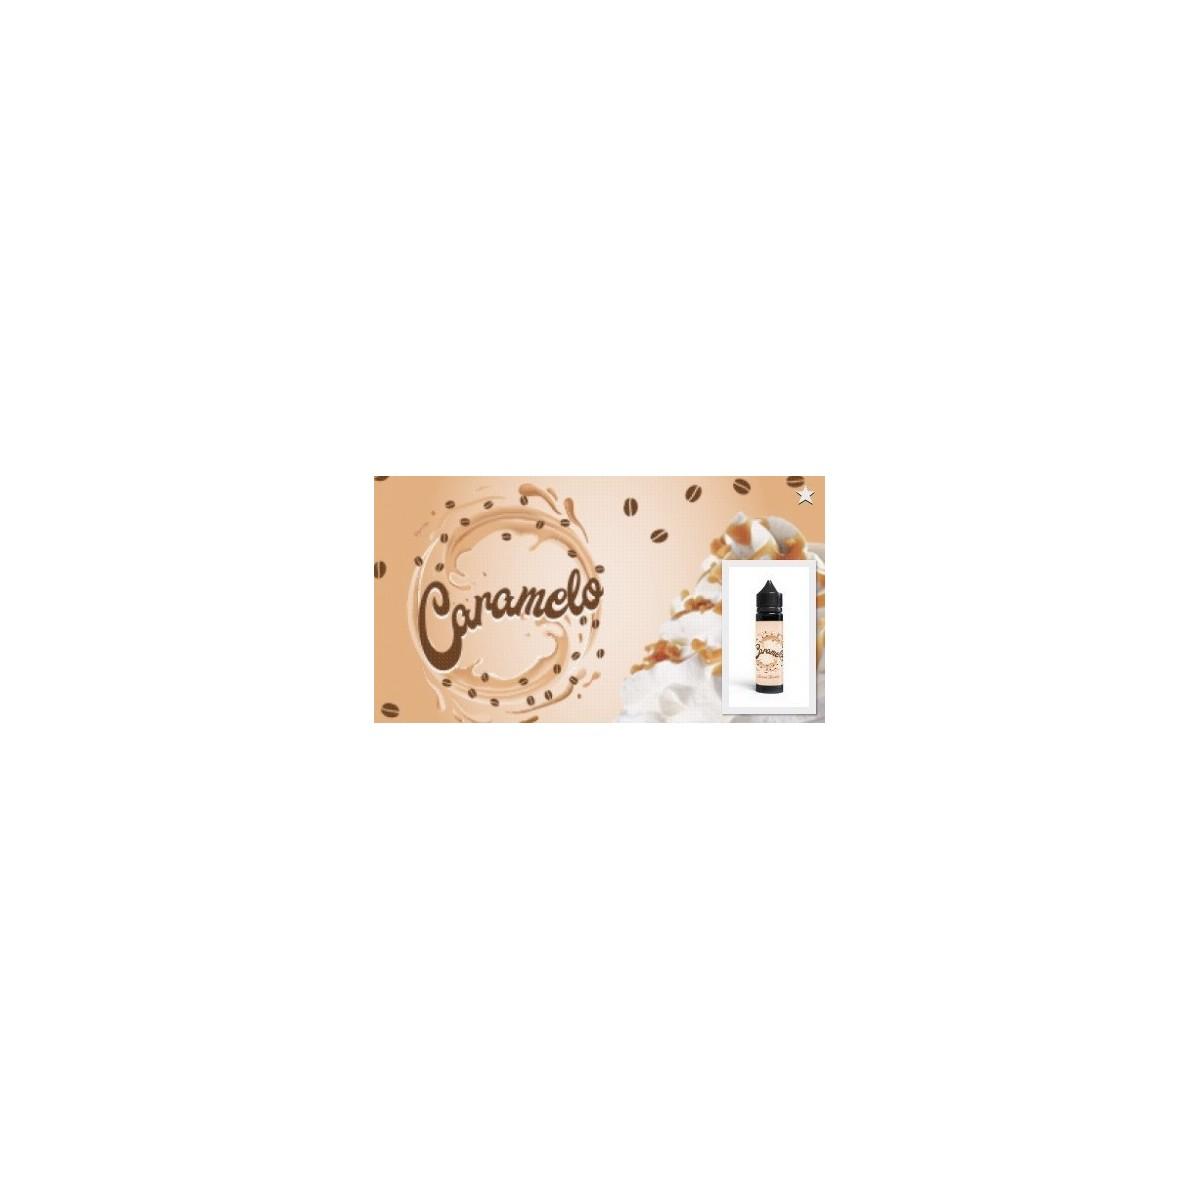 Caramelo - Formato scomposto concentr. 20ml - Vaporart